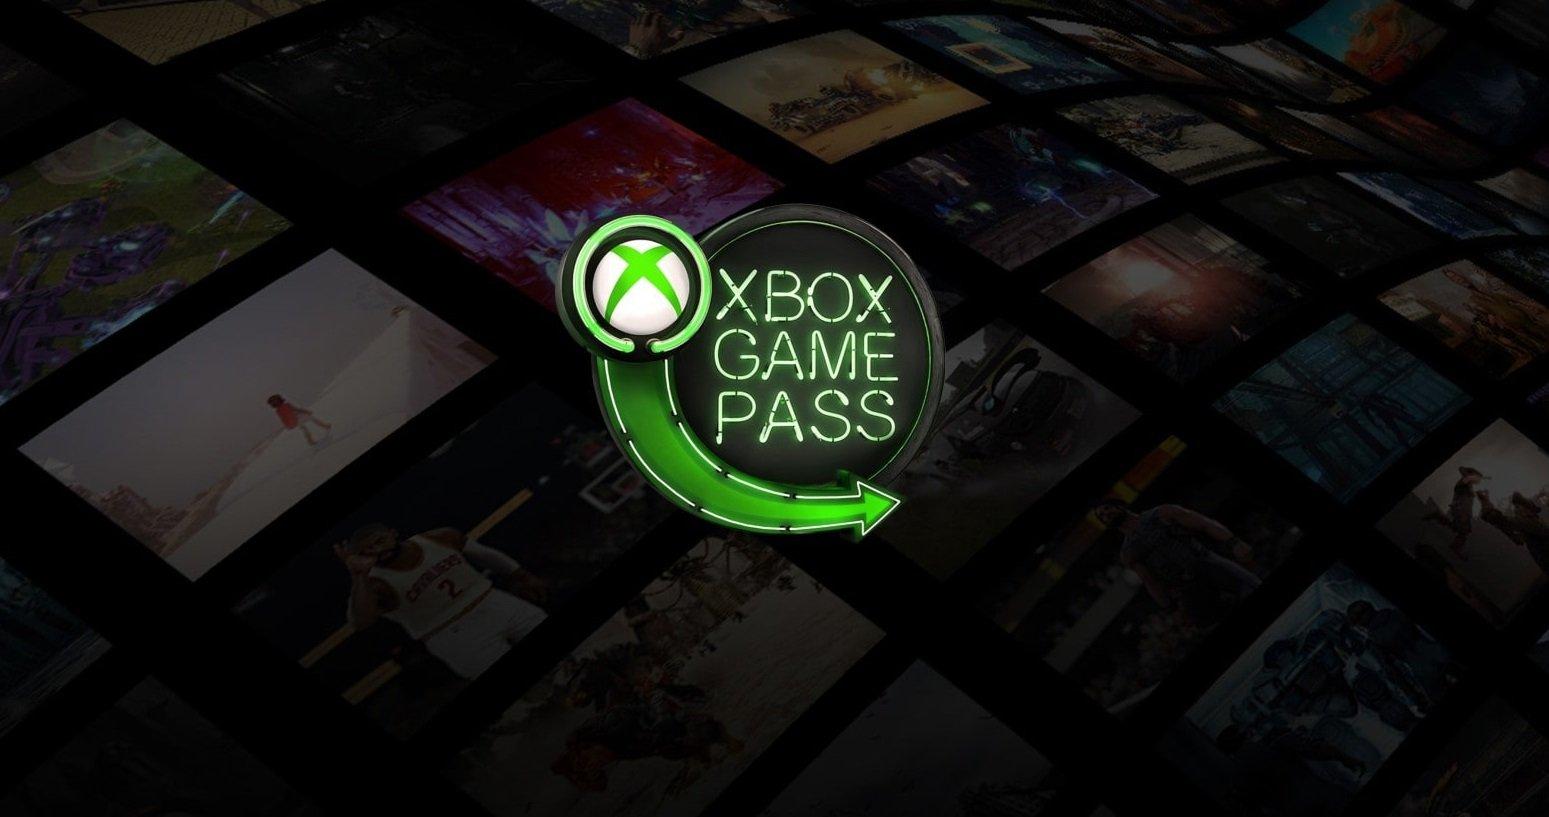 Xbox Game Pass à venir à Windows PC